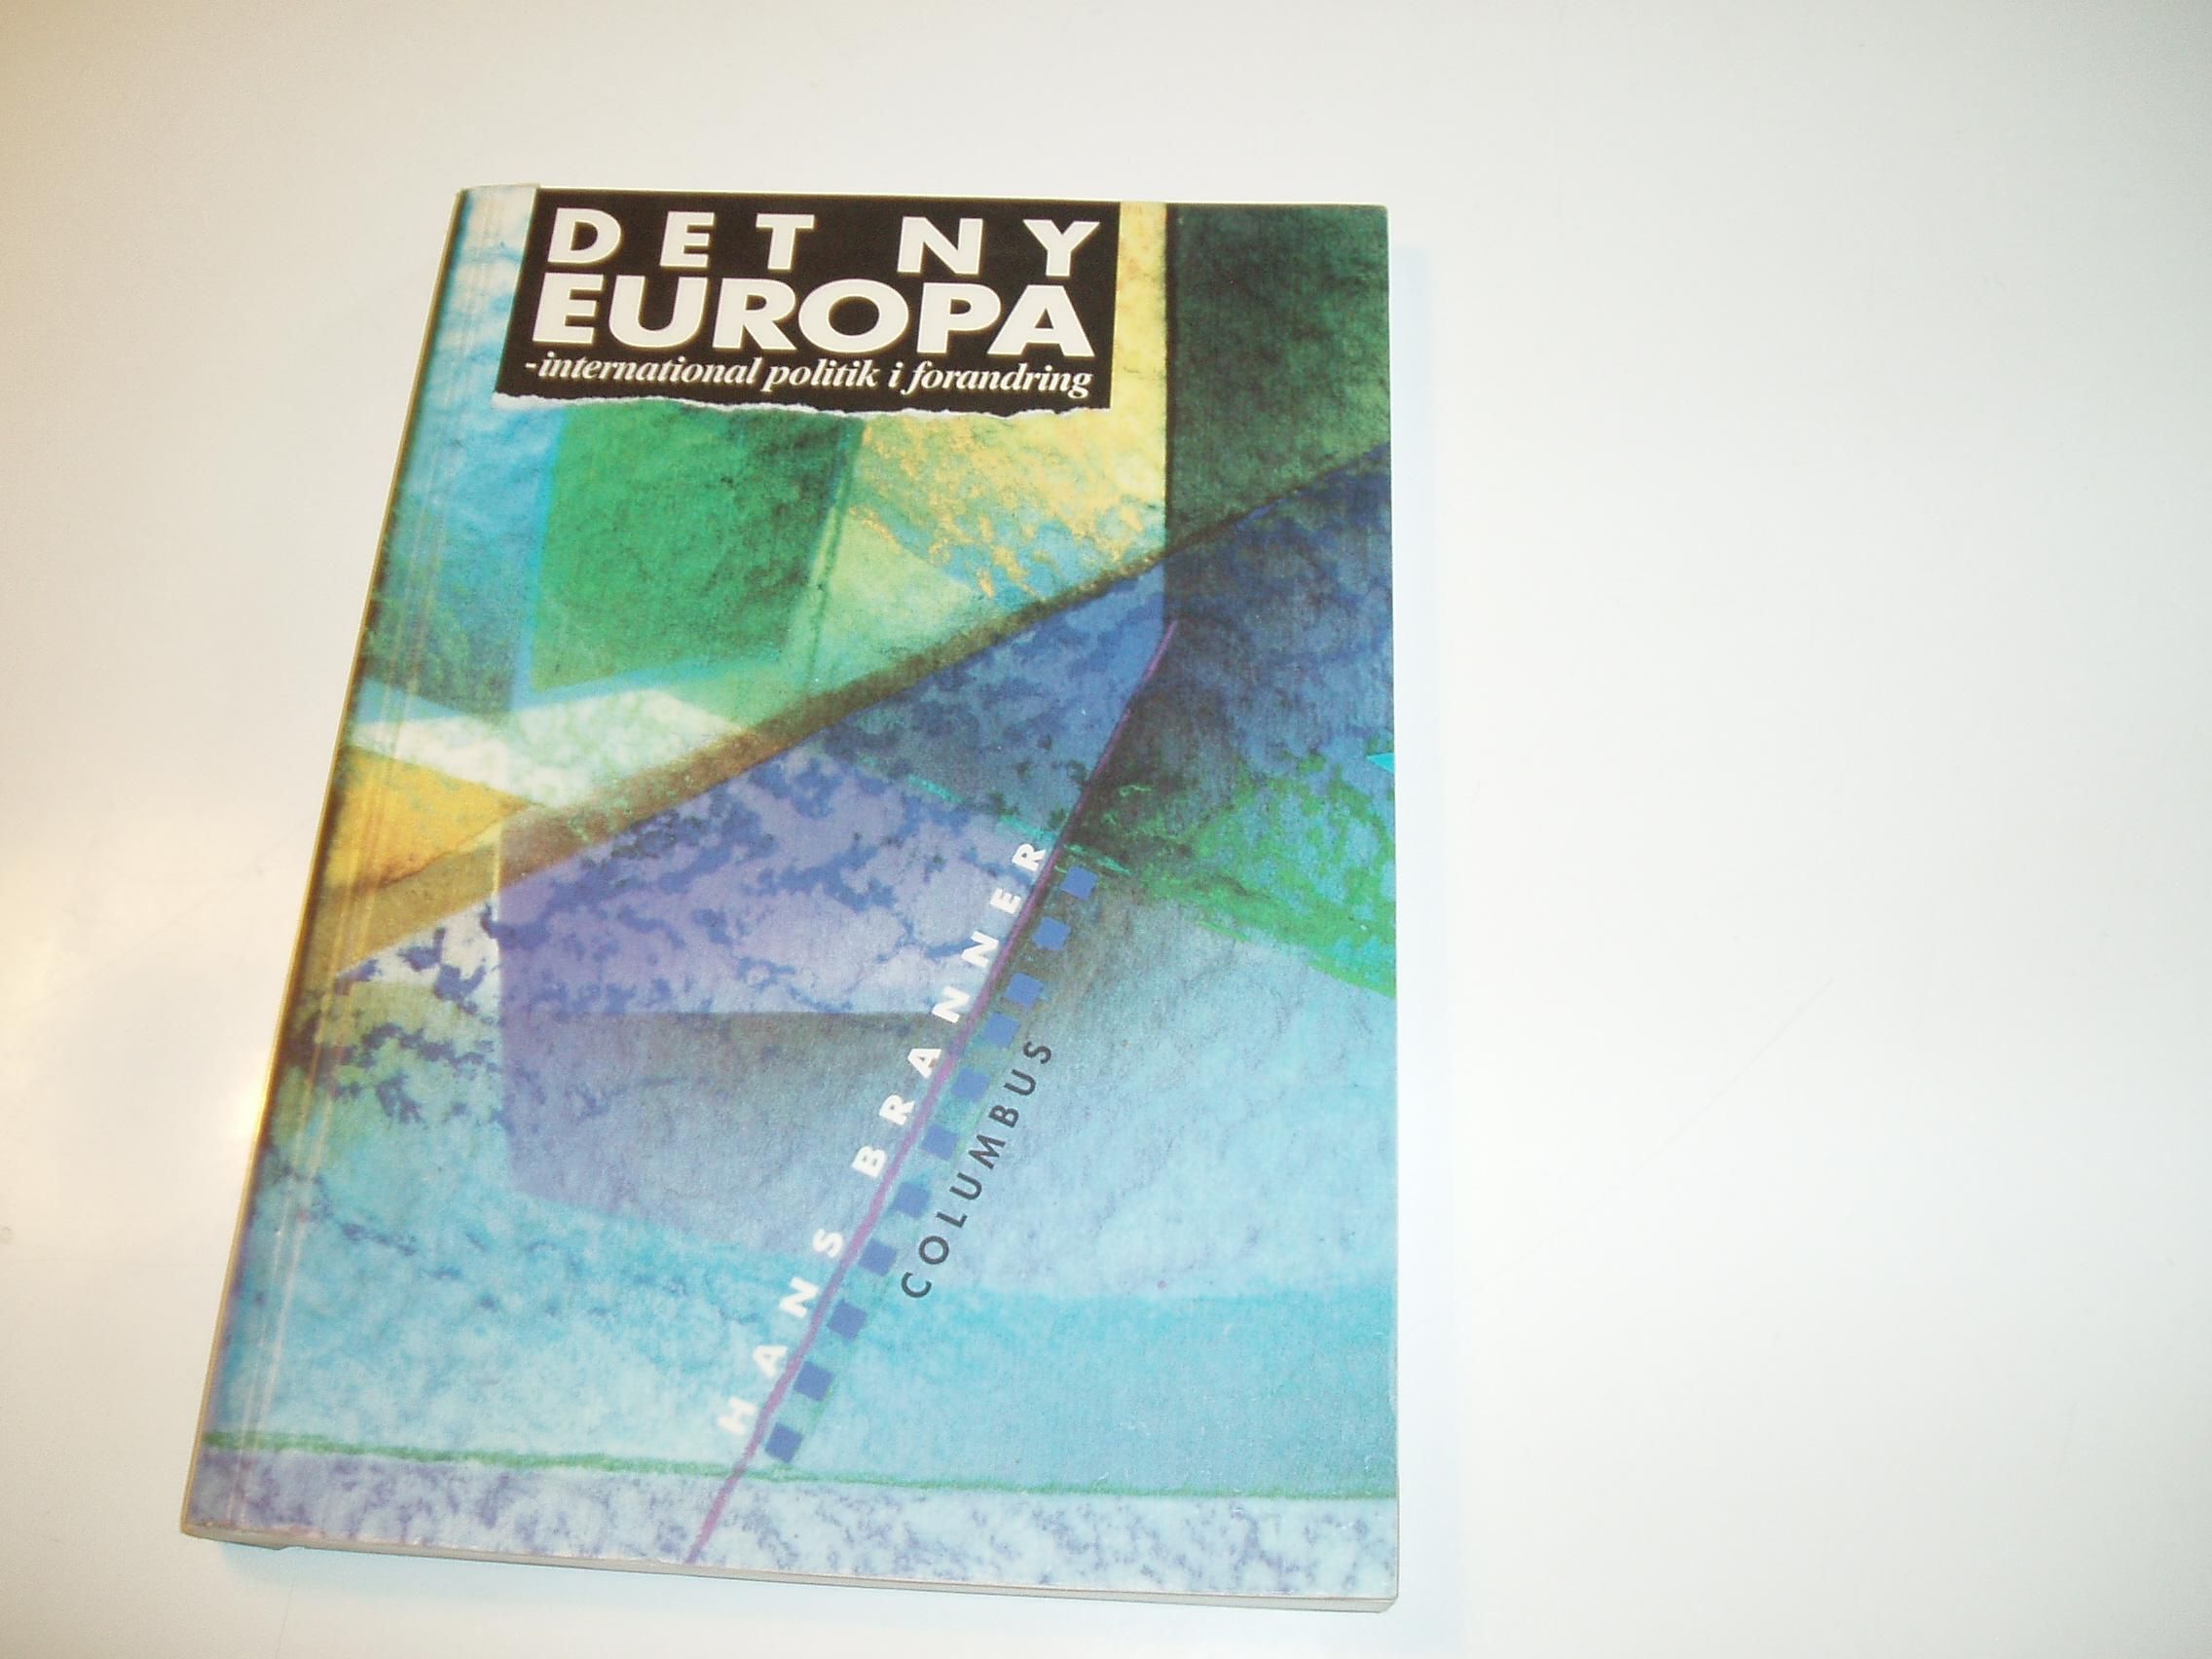 Det ny Europa - international politik i forandring